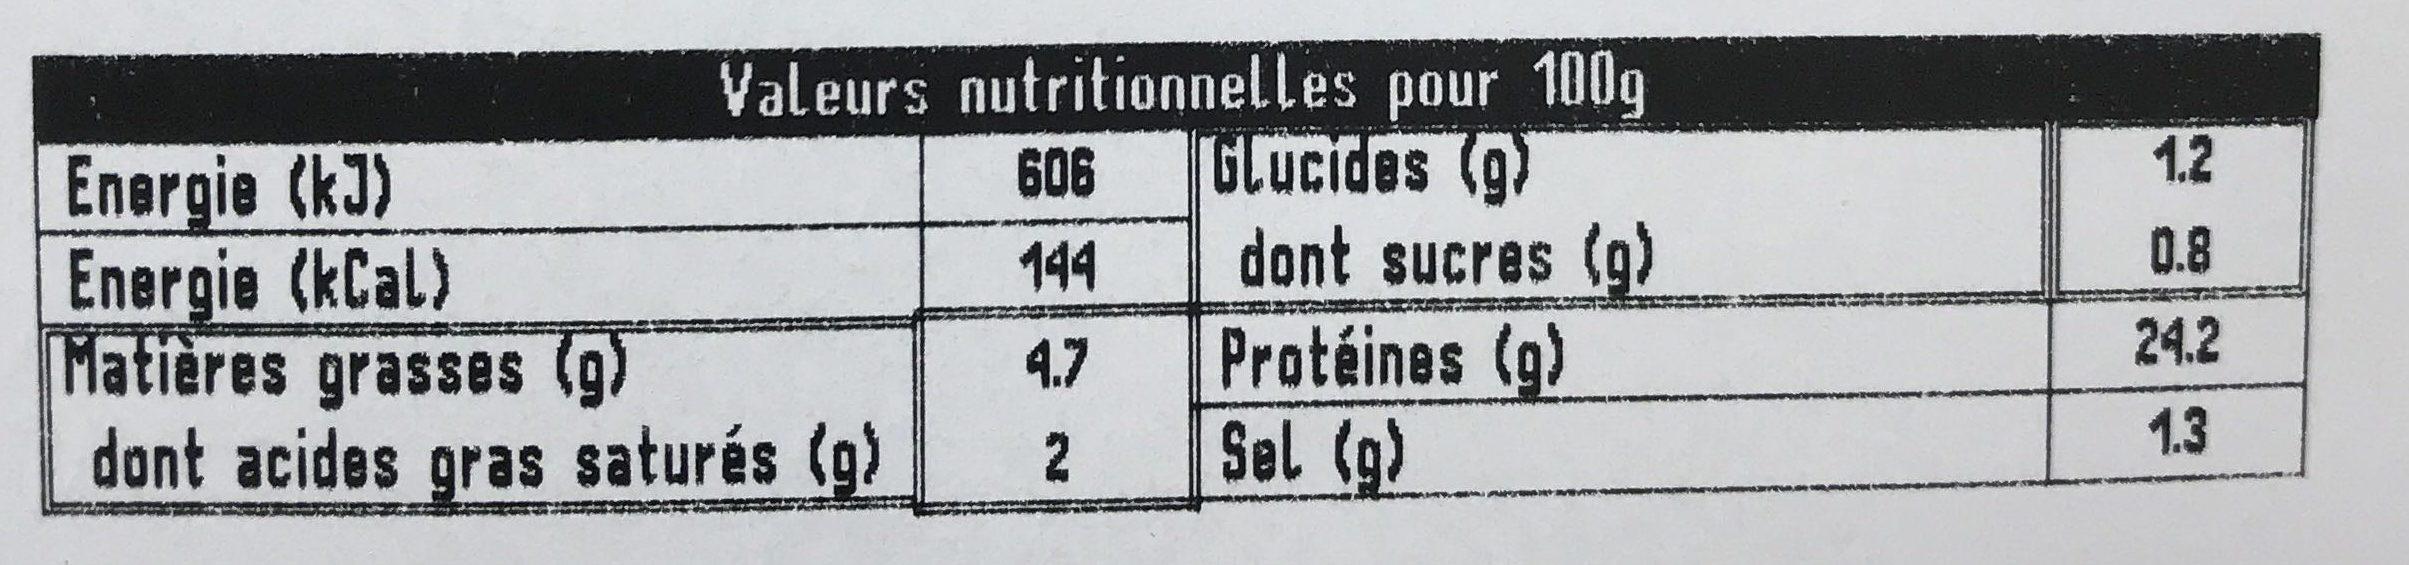 Brient, Roti de porc superieur, la barquette de 4 180 g - Informations nutritionnelles - fr